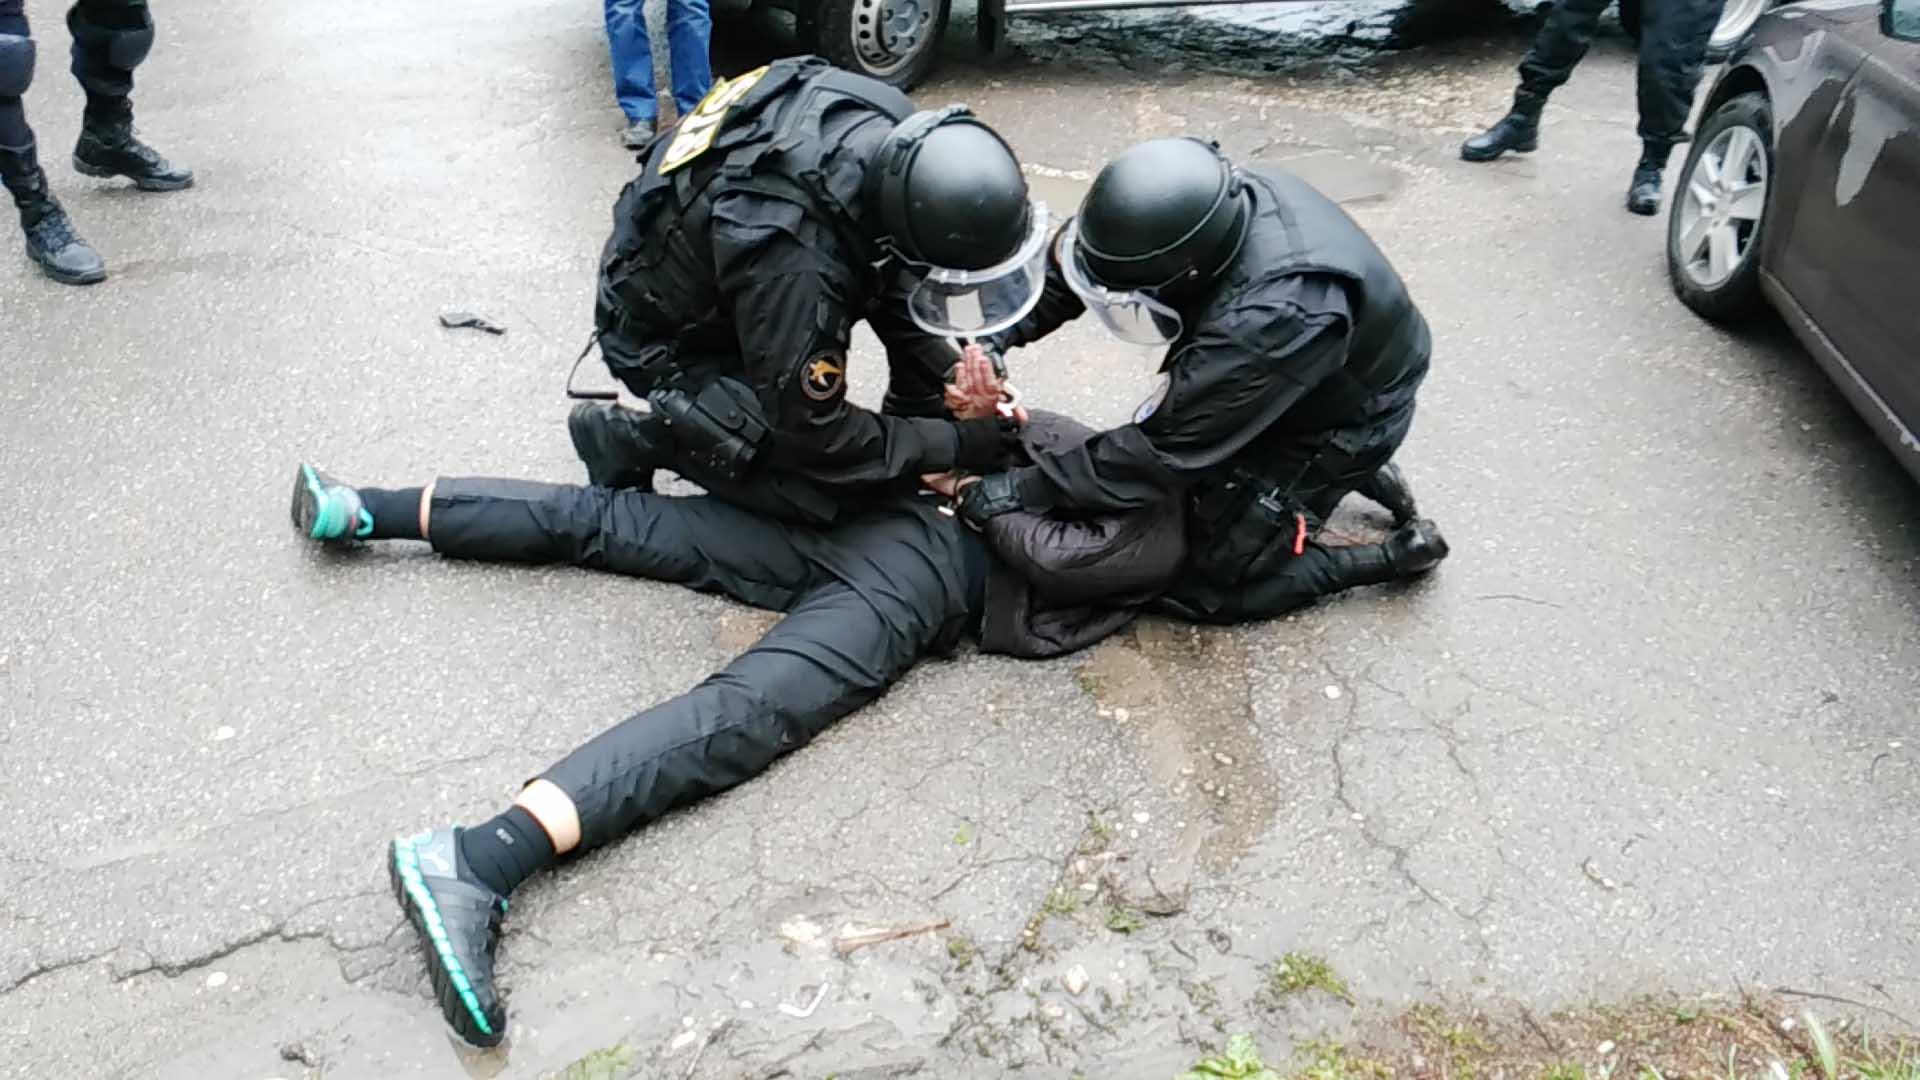 ФСБ задержала в Петербурге трех иностранцев с 60 кг кокаина